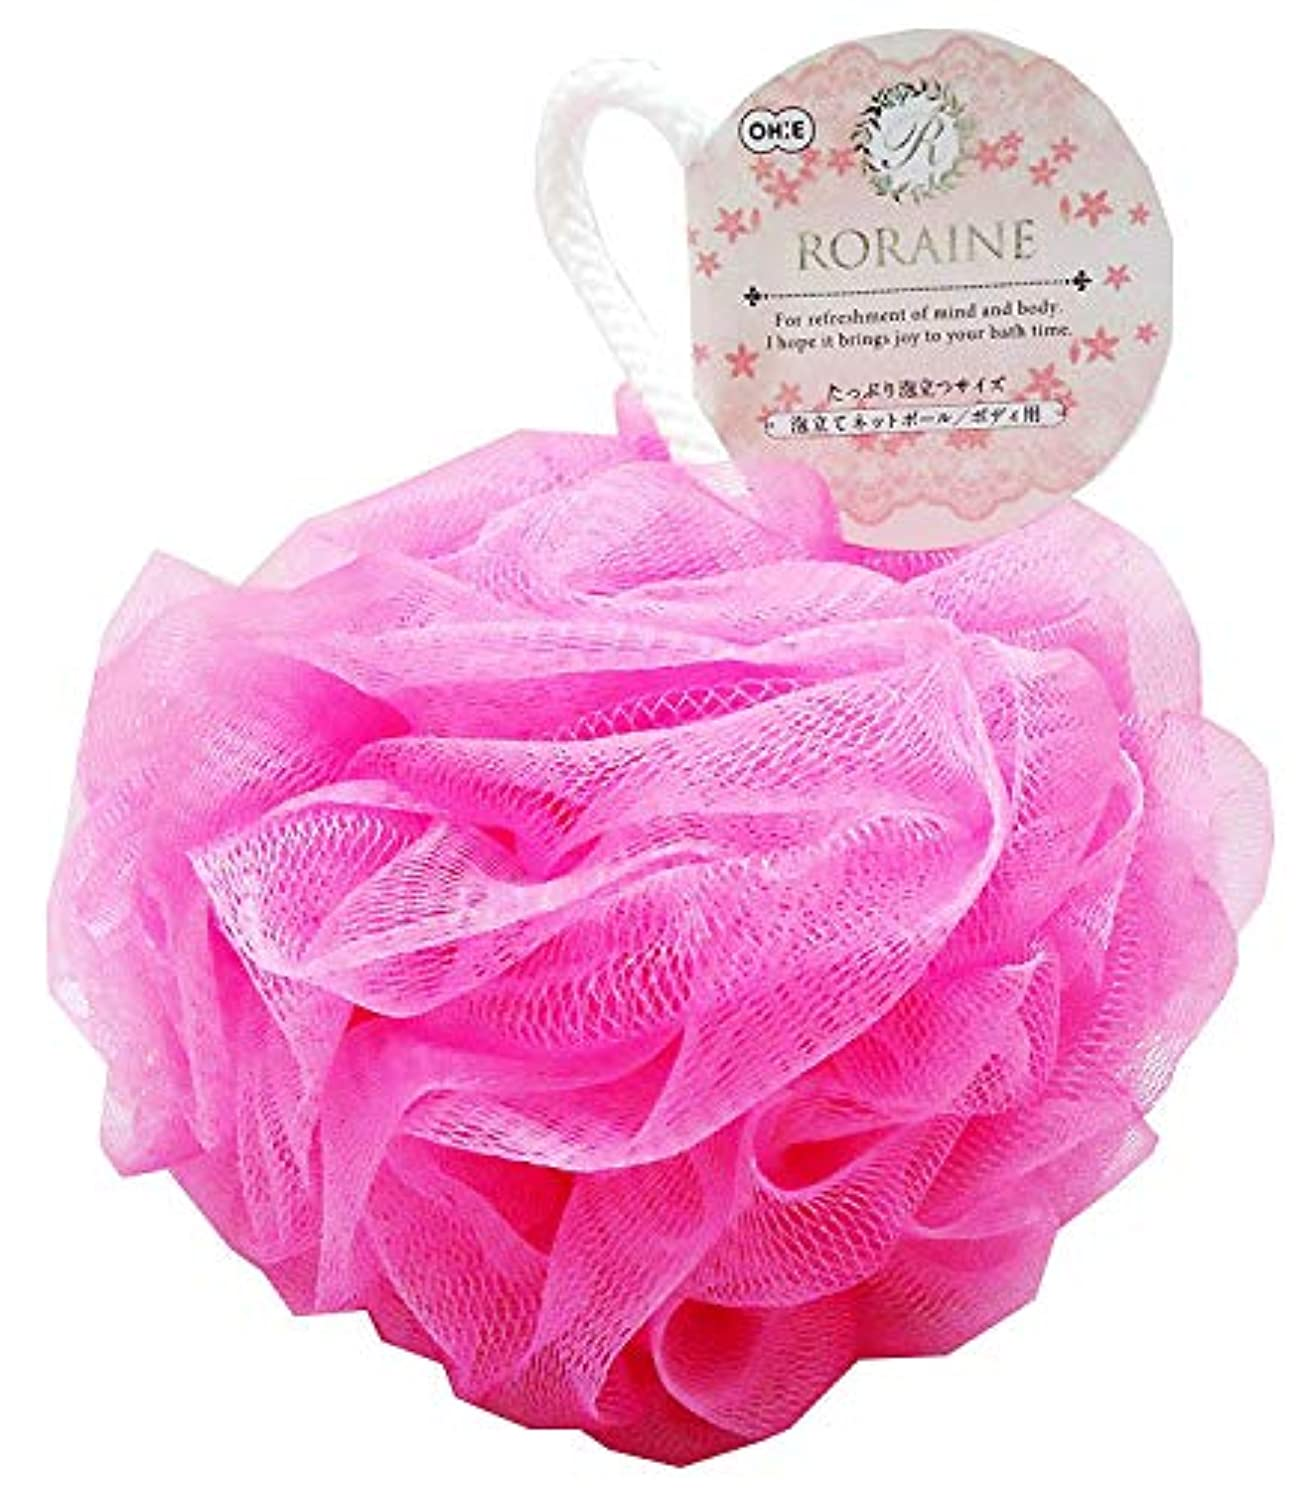 不毛定刻変装したオーエ ボディスポンジ ロレーヌ 泡立てネットボールボディ用 ピンク 約22×12.5×12.5cm 1個